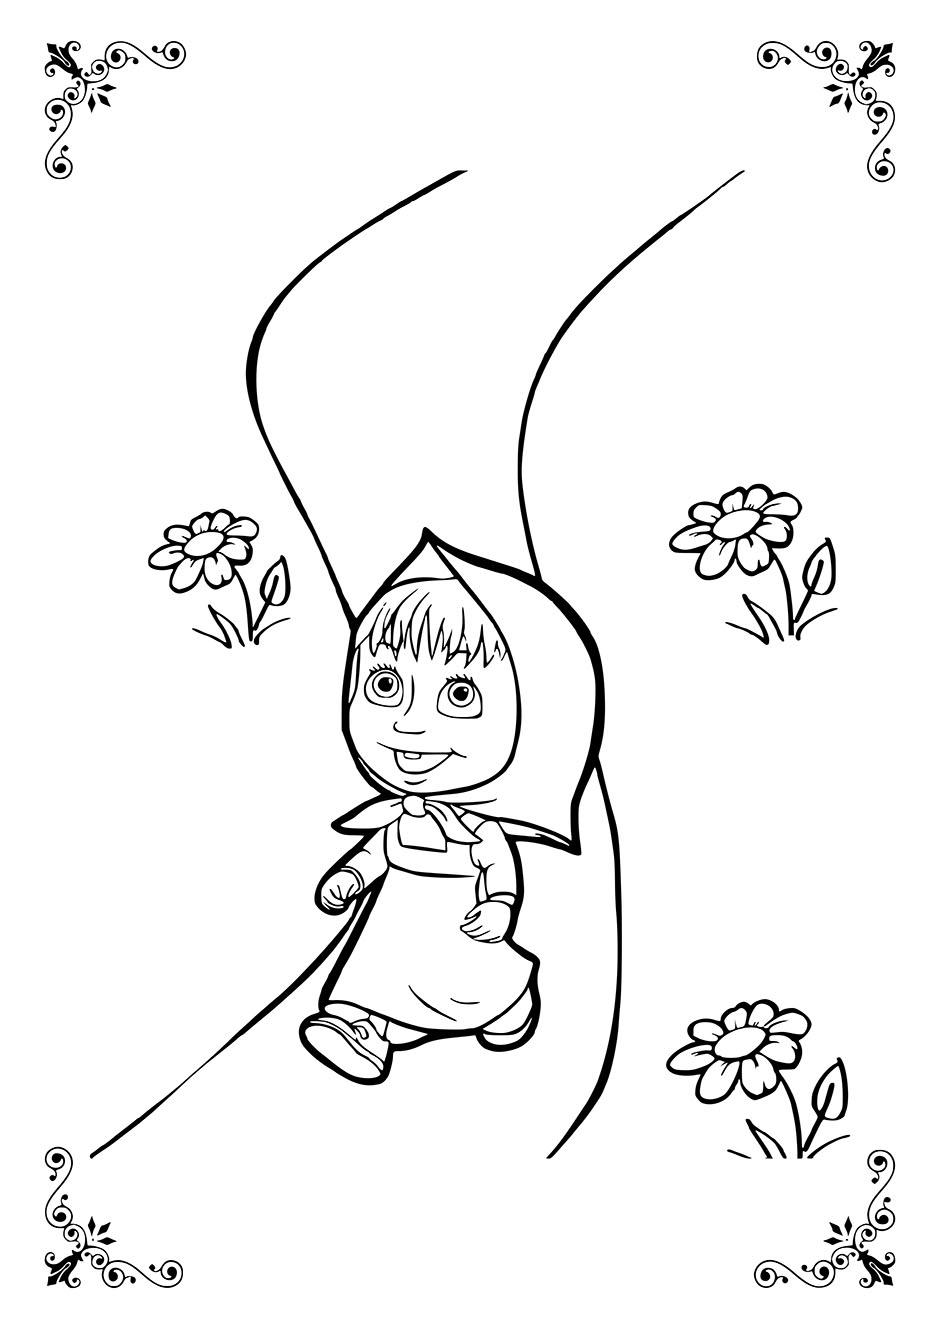 Раскраска: Маша идет по тропинке — raskraski-a4.ru